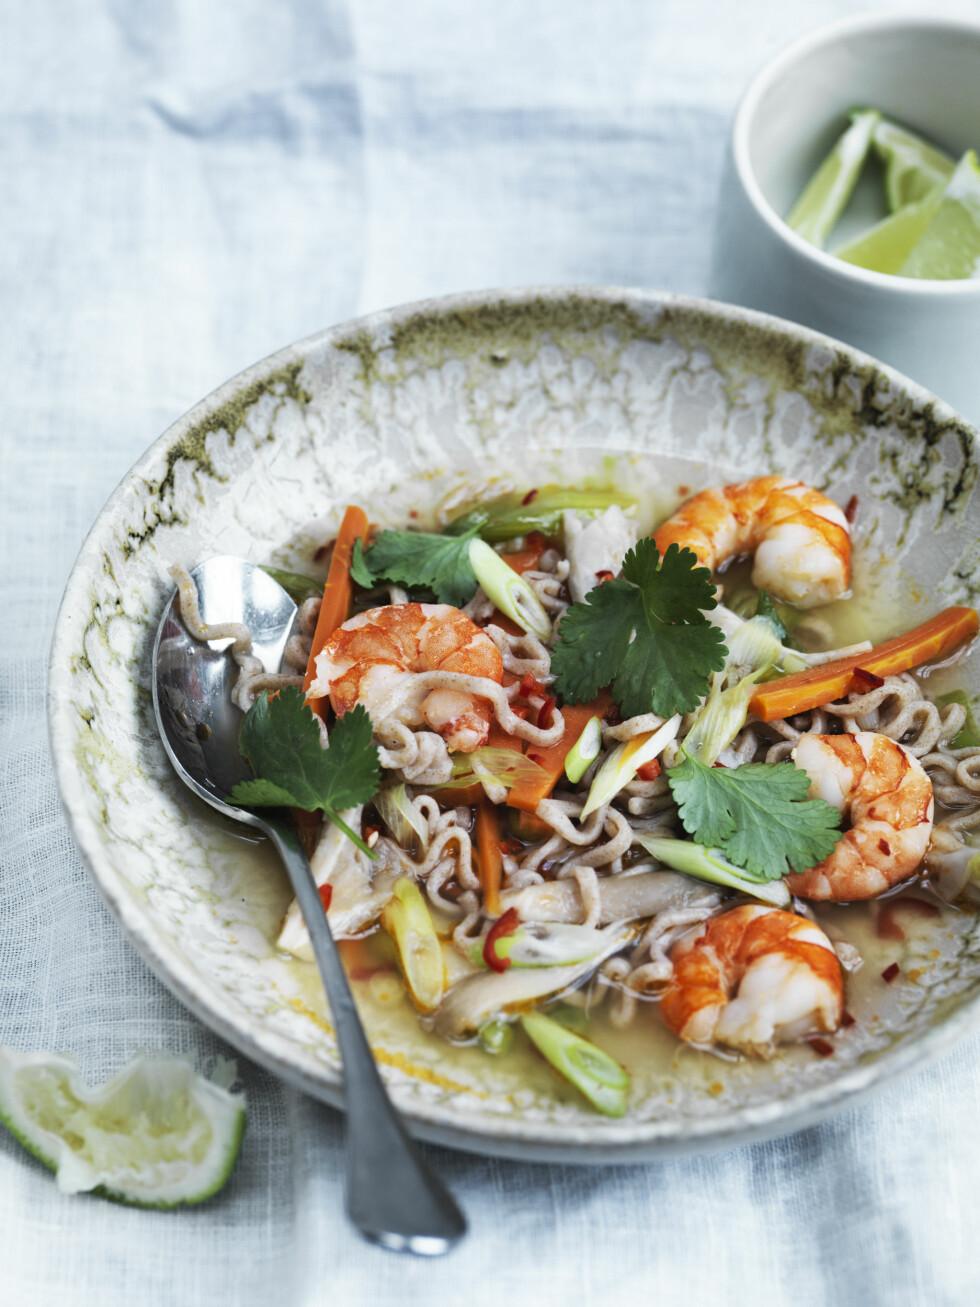 SPICY: Chili og ingefær piffer opp denne asiatiske suppen! Foto: All Over Press